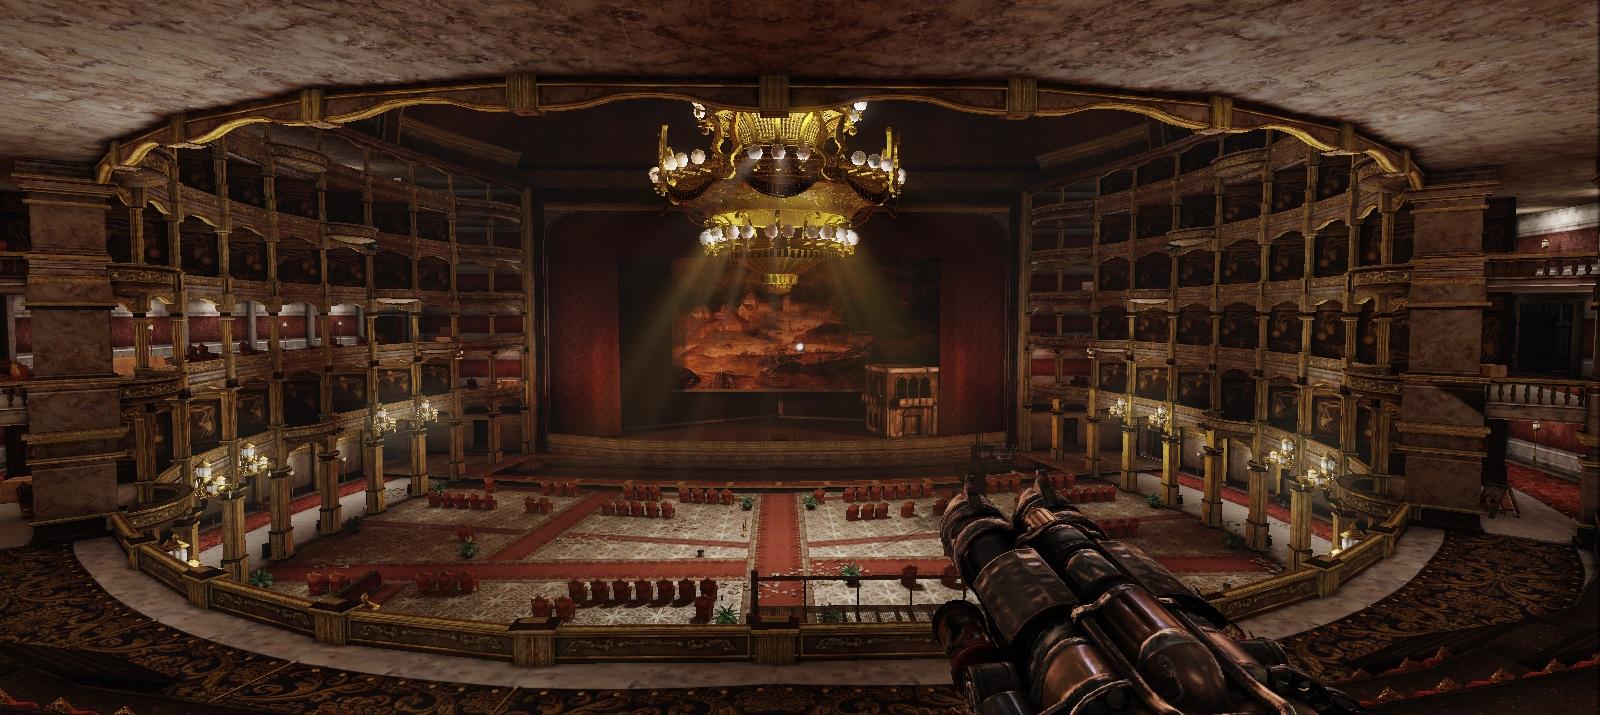 5. Opera